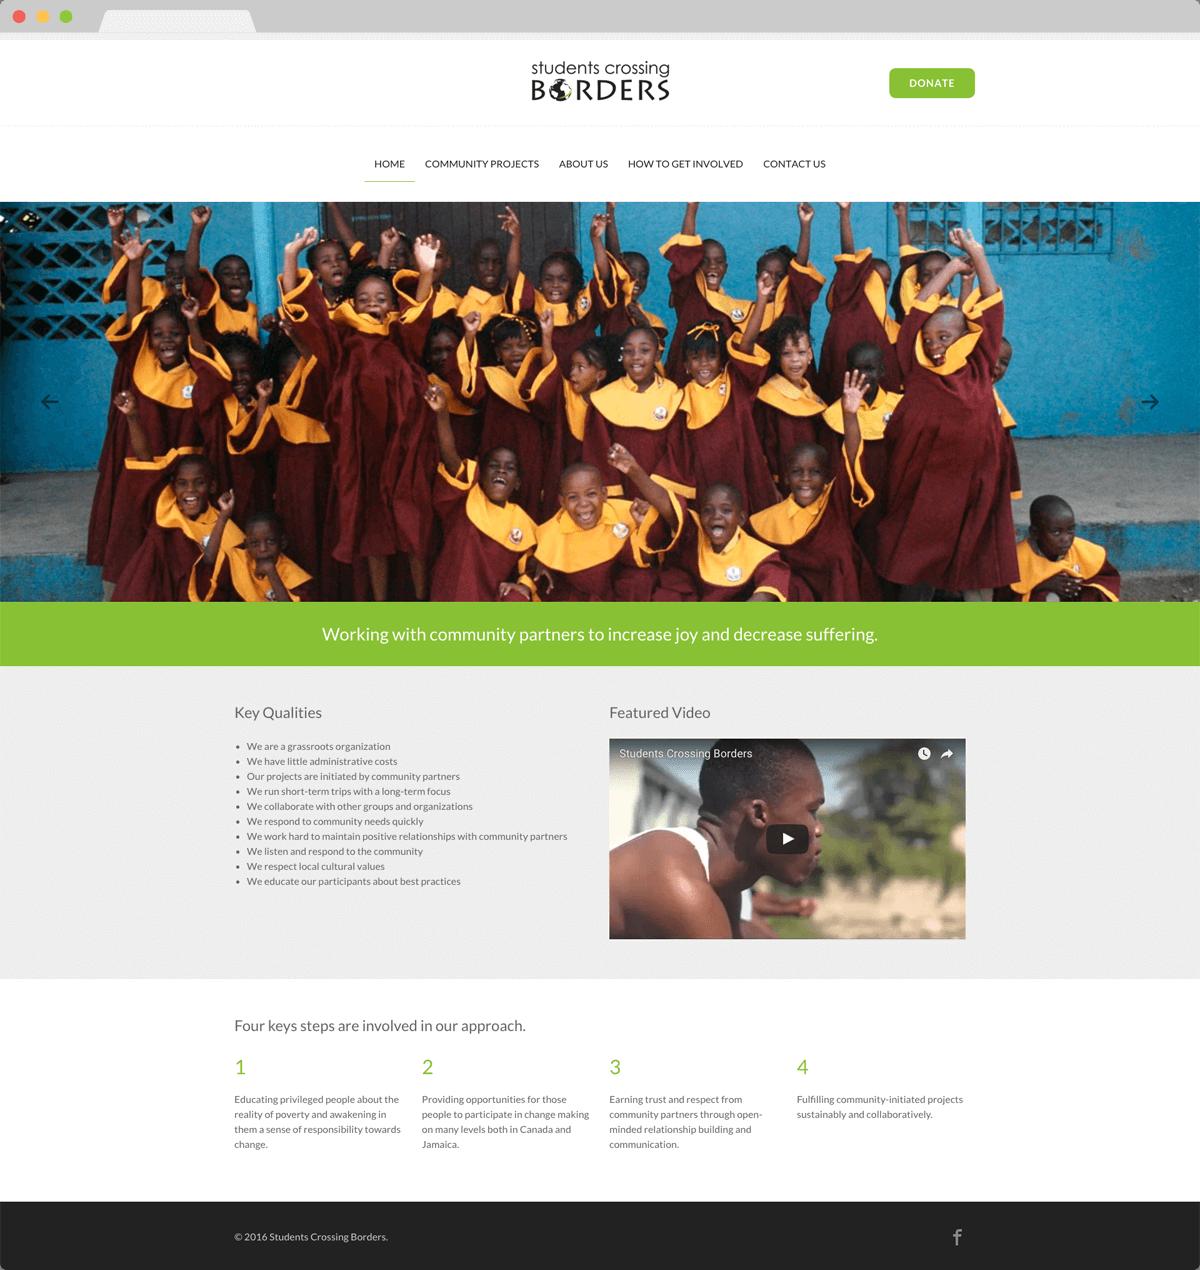 Students Crossing Borders - Website Design & Development